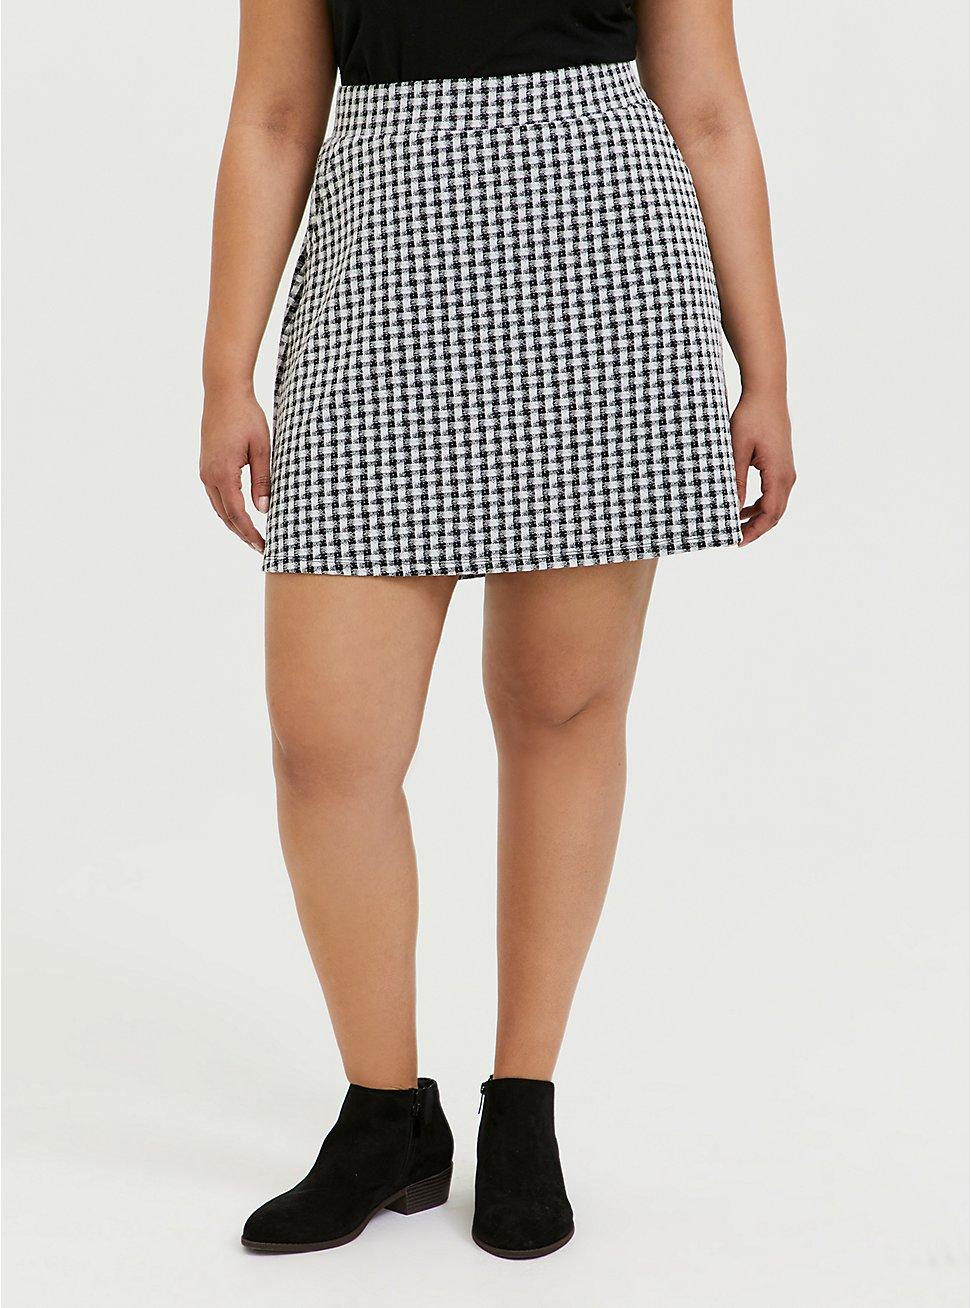 Black & White Gingham Textured Mini Skater Skirt, DEEP BLACK, hi-res